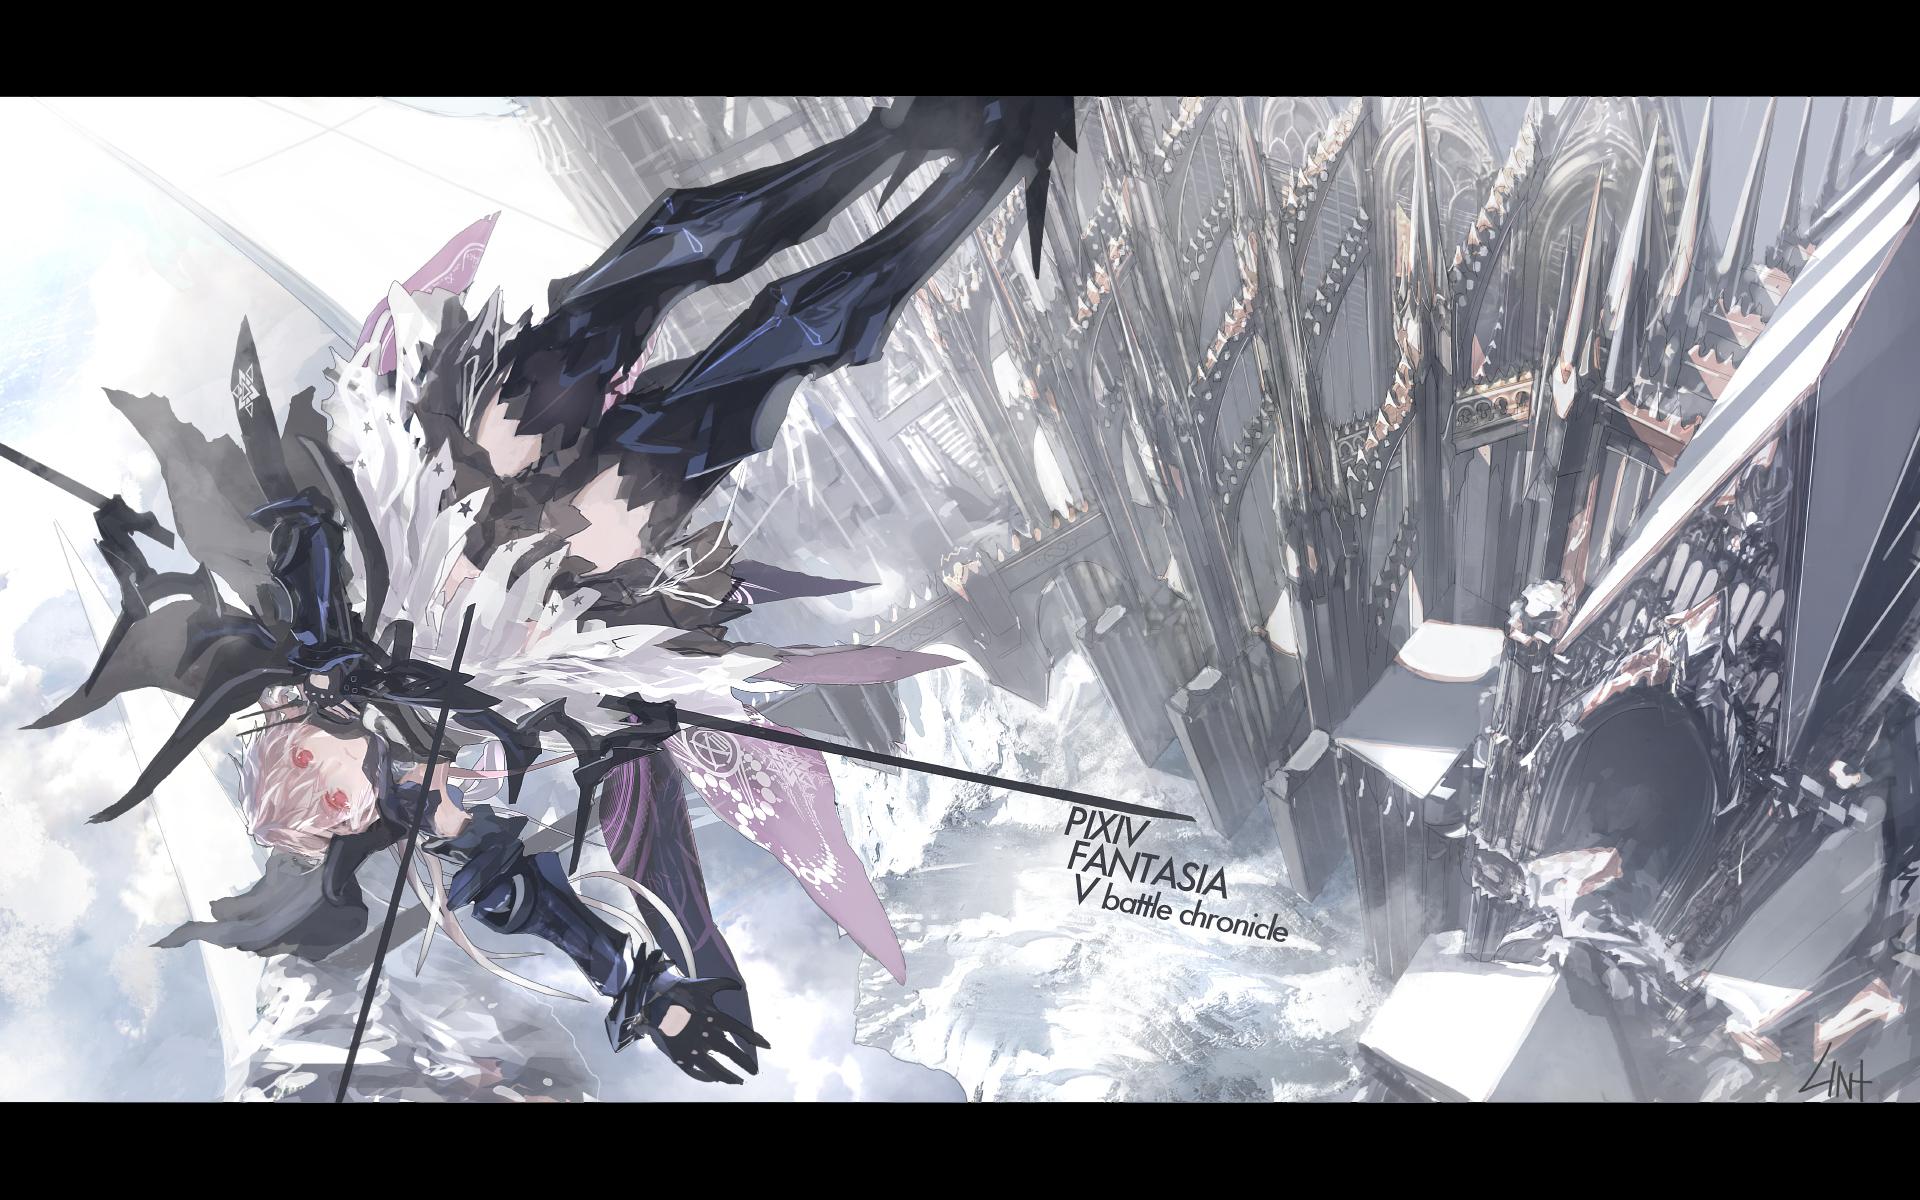 Pixiv Fantasia Anime